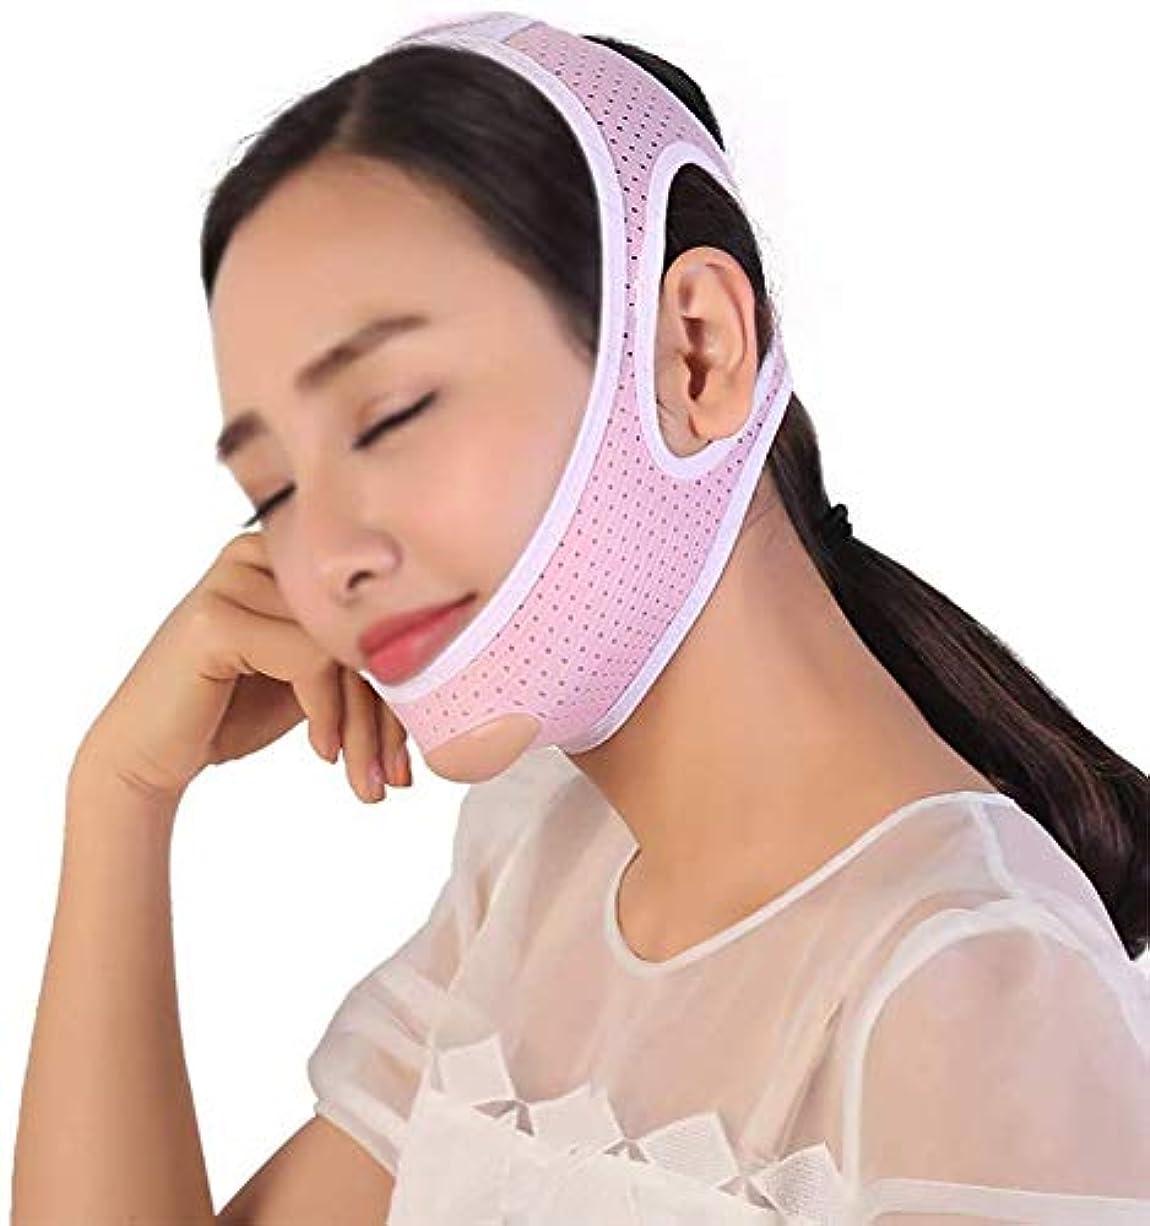 スライム夜明けにハウススリミングVフェイスマスク、フェイスリフトフェイシャル、Vフェイスマスクタイトで肌のリラクゼーションを防止Vフェイスアーティファクトフェイスリフトバンデージフェイスケア(サイズ:L)